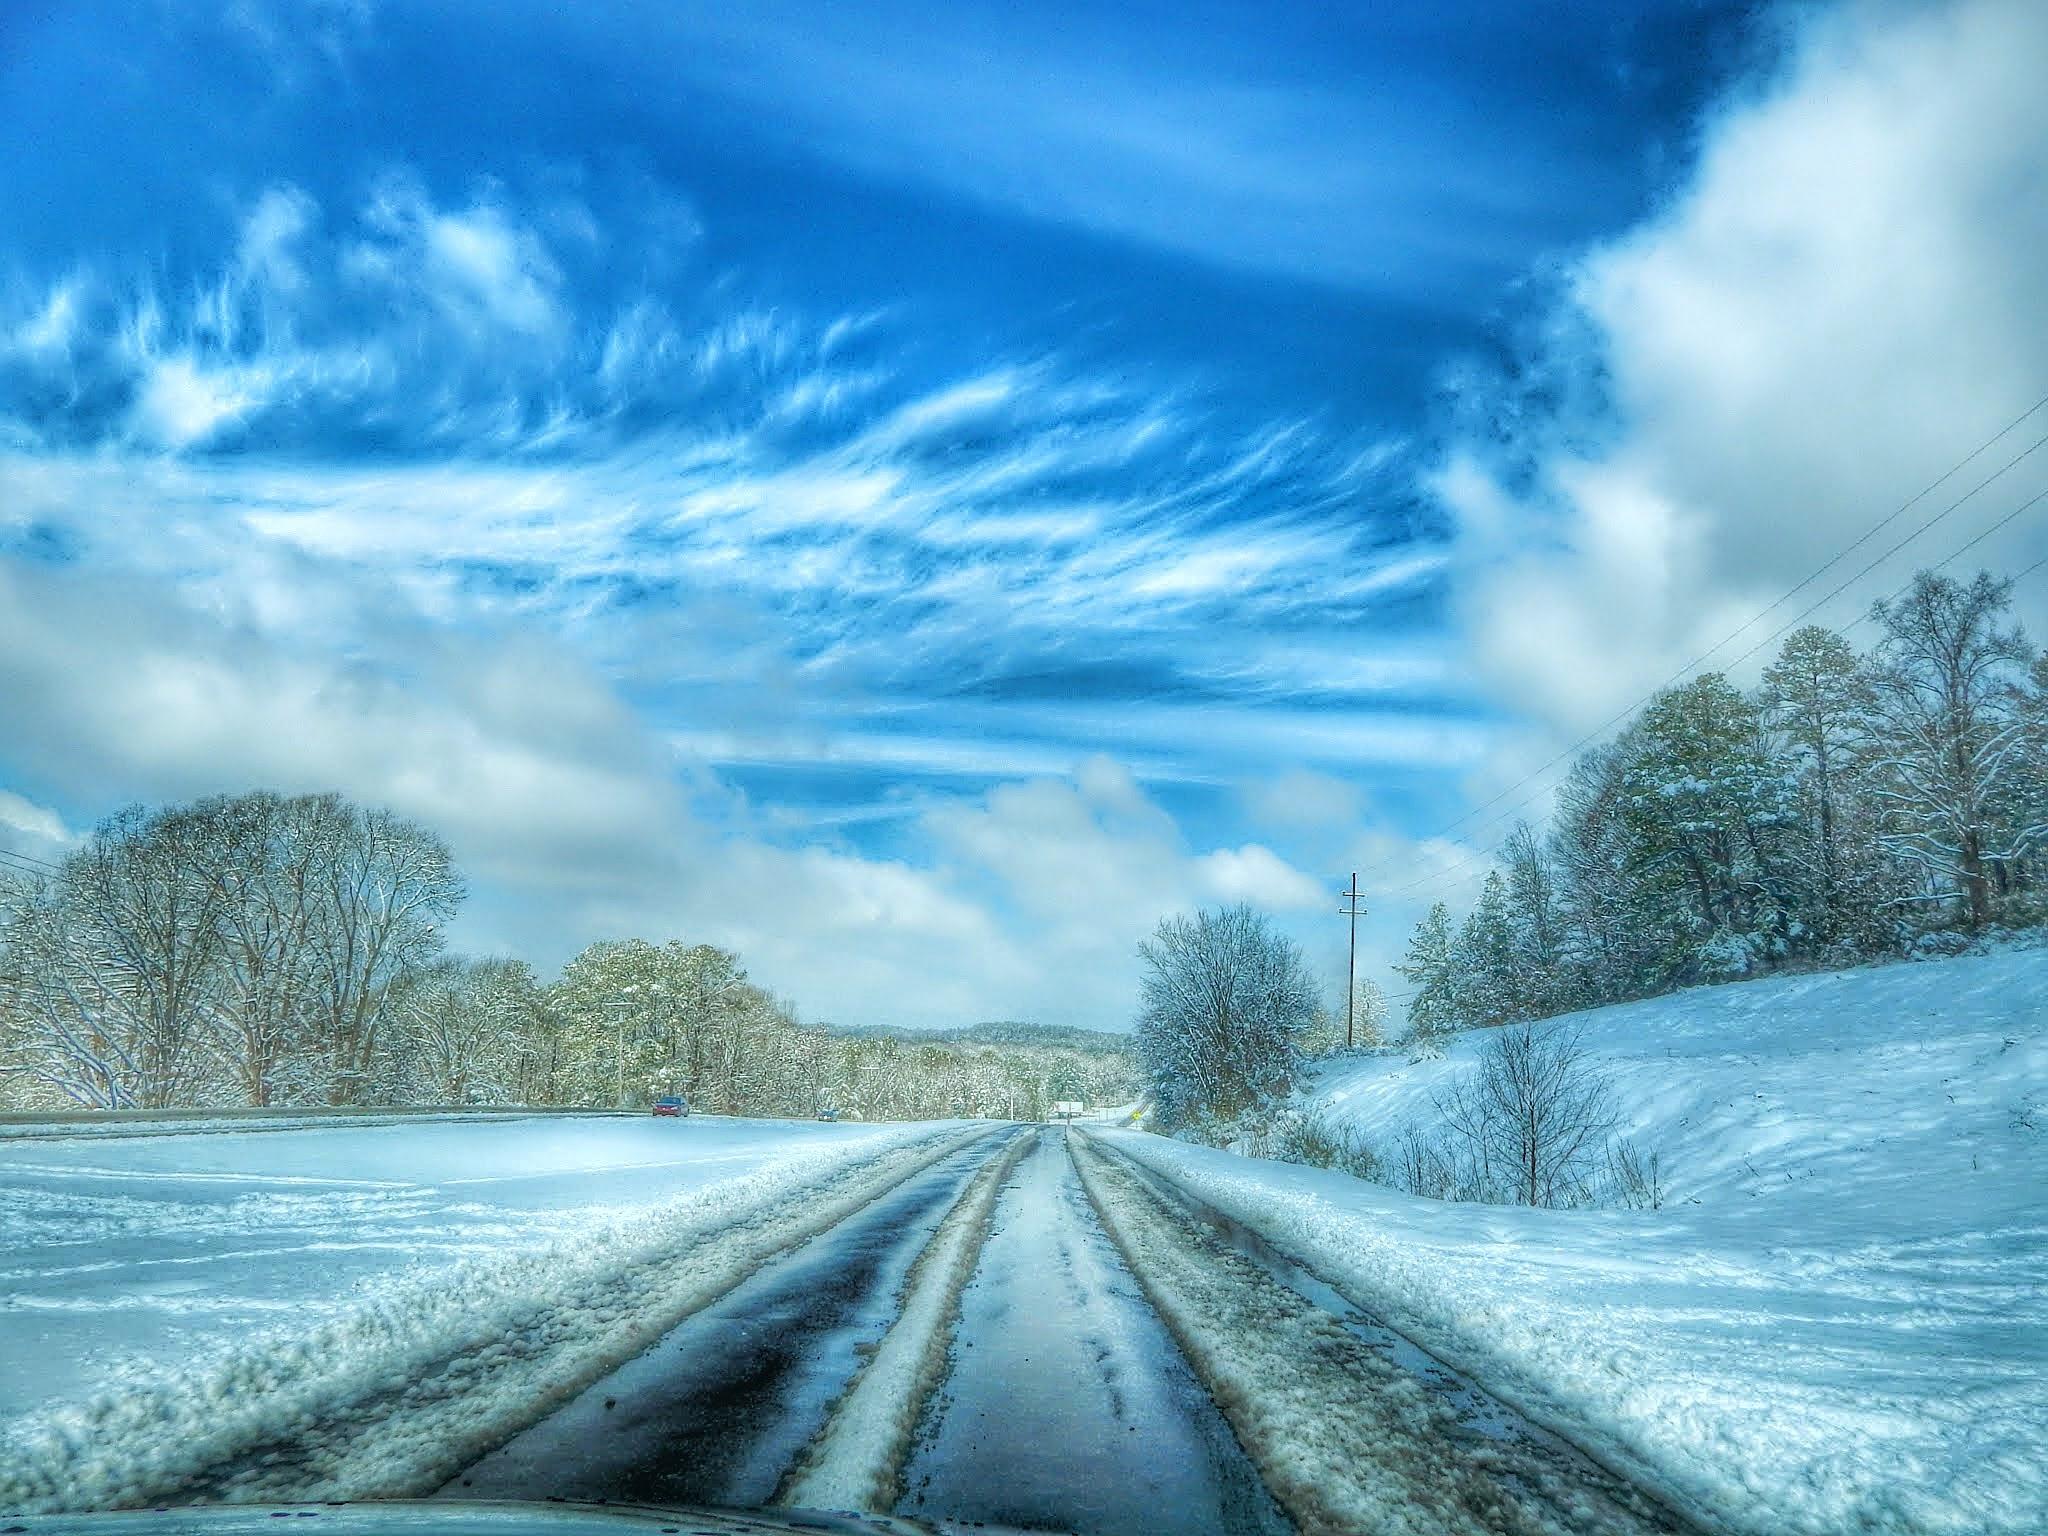 Beautiful Snowy Day by Cindy Eddy